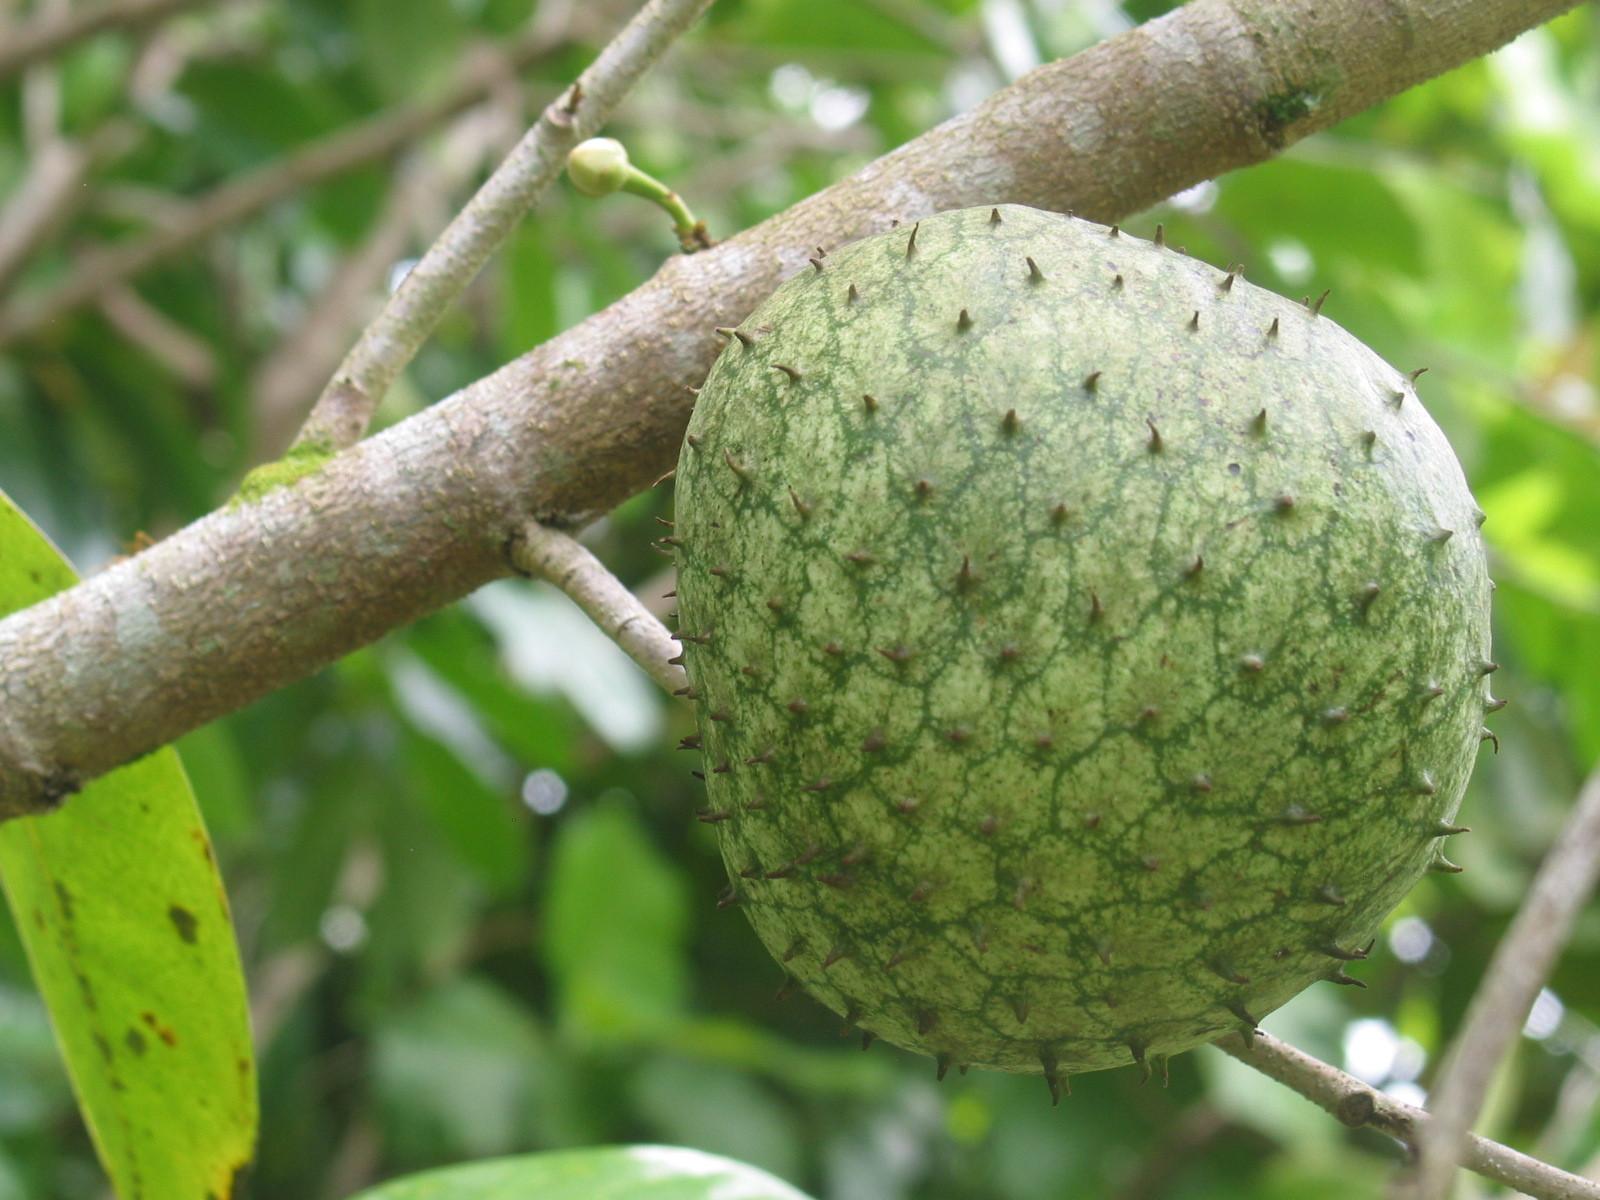 nombre cientifico de la semilla de guanabana